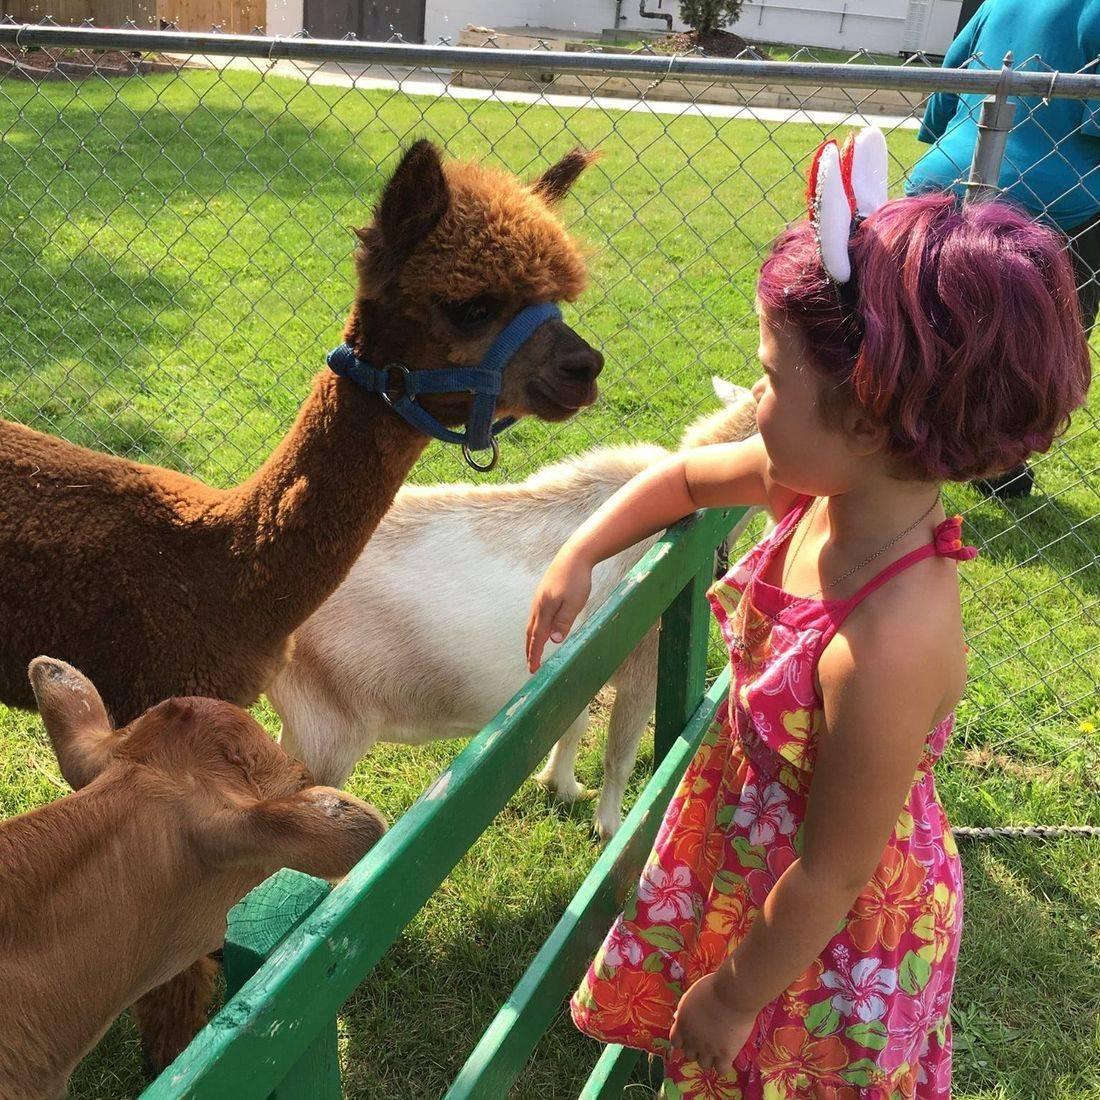 Cute farm animals in a pen